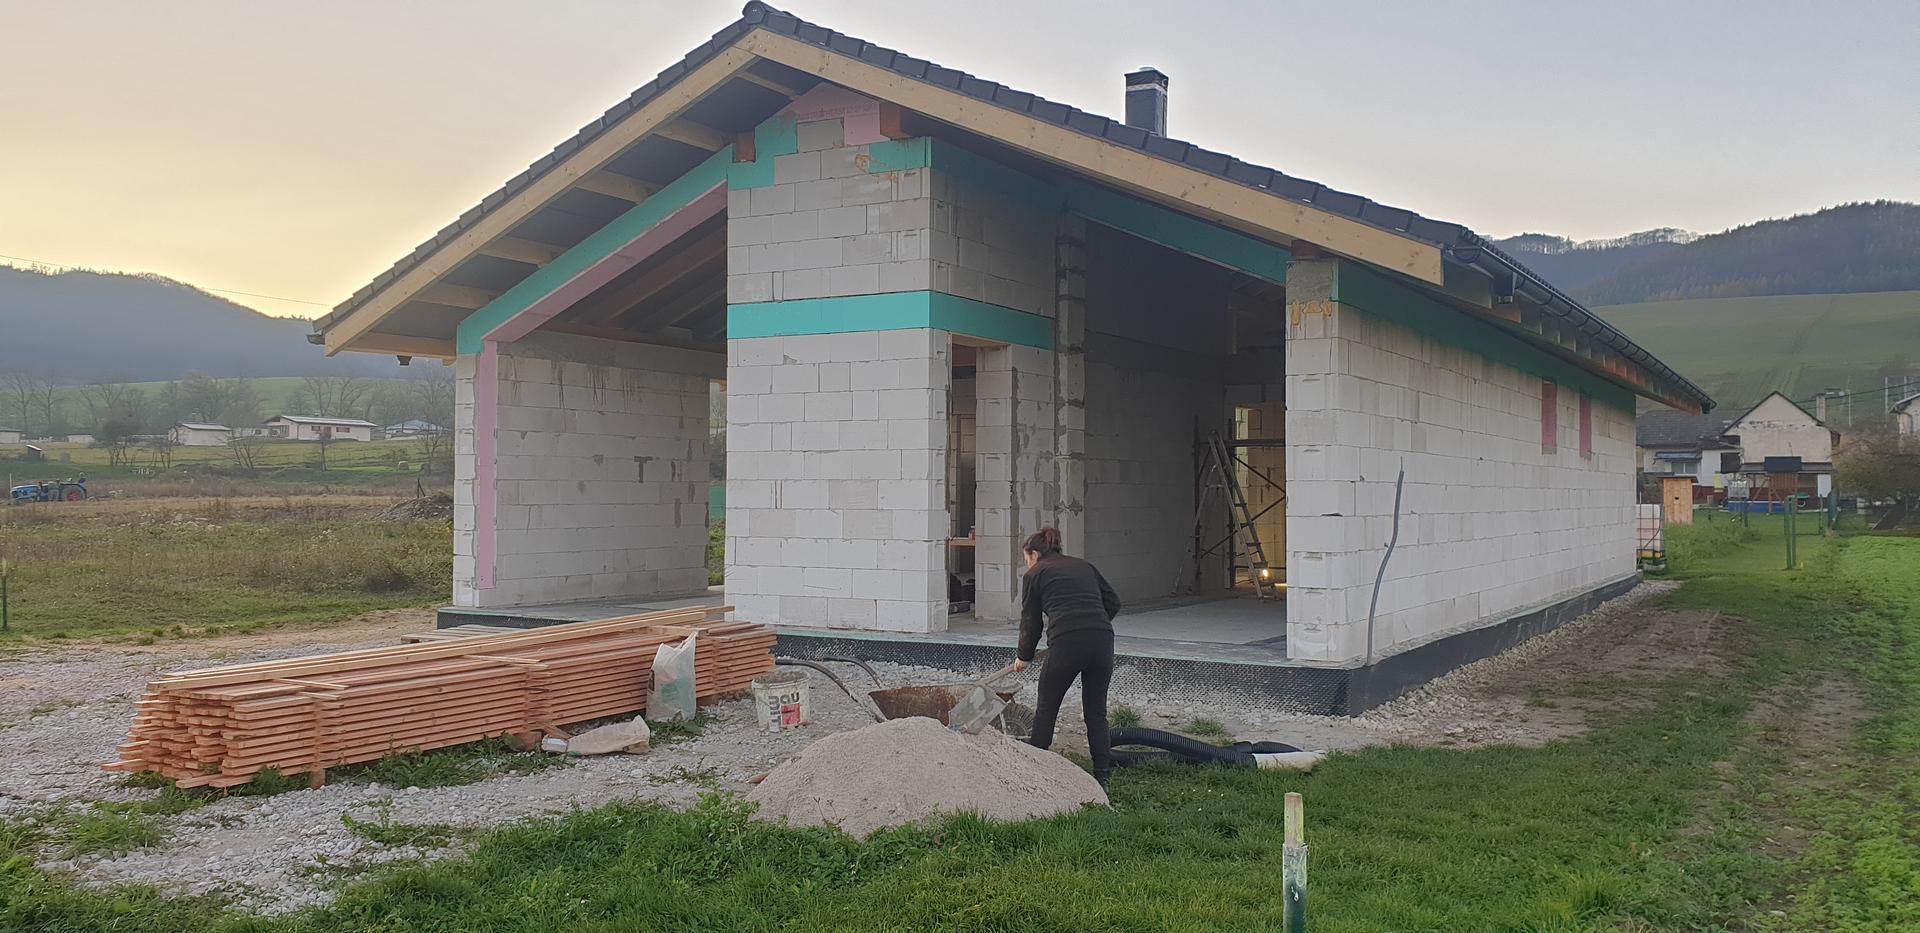 začíname  stavat 😉Bungalov 1871 - strecha hotová. už len podasia  zaplechovat keď bude mať klampiar čas. 😉priečky skoro hotové... už čakáme len na okná 2😉